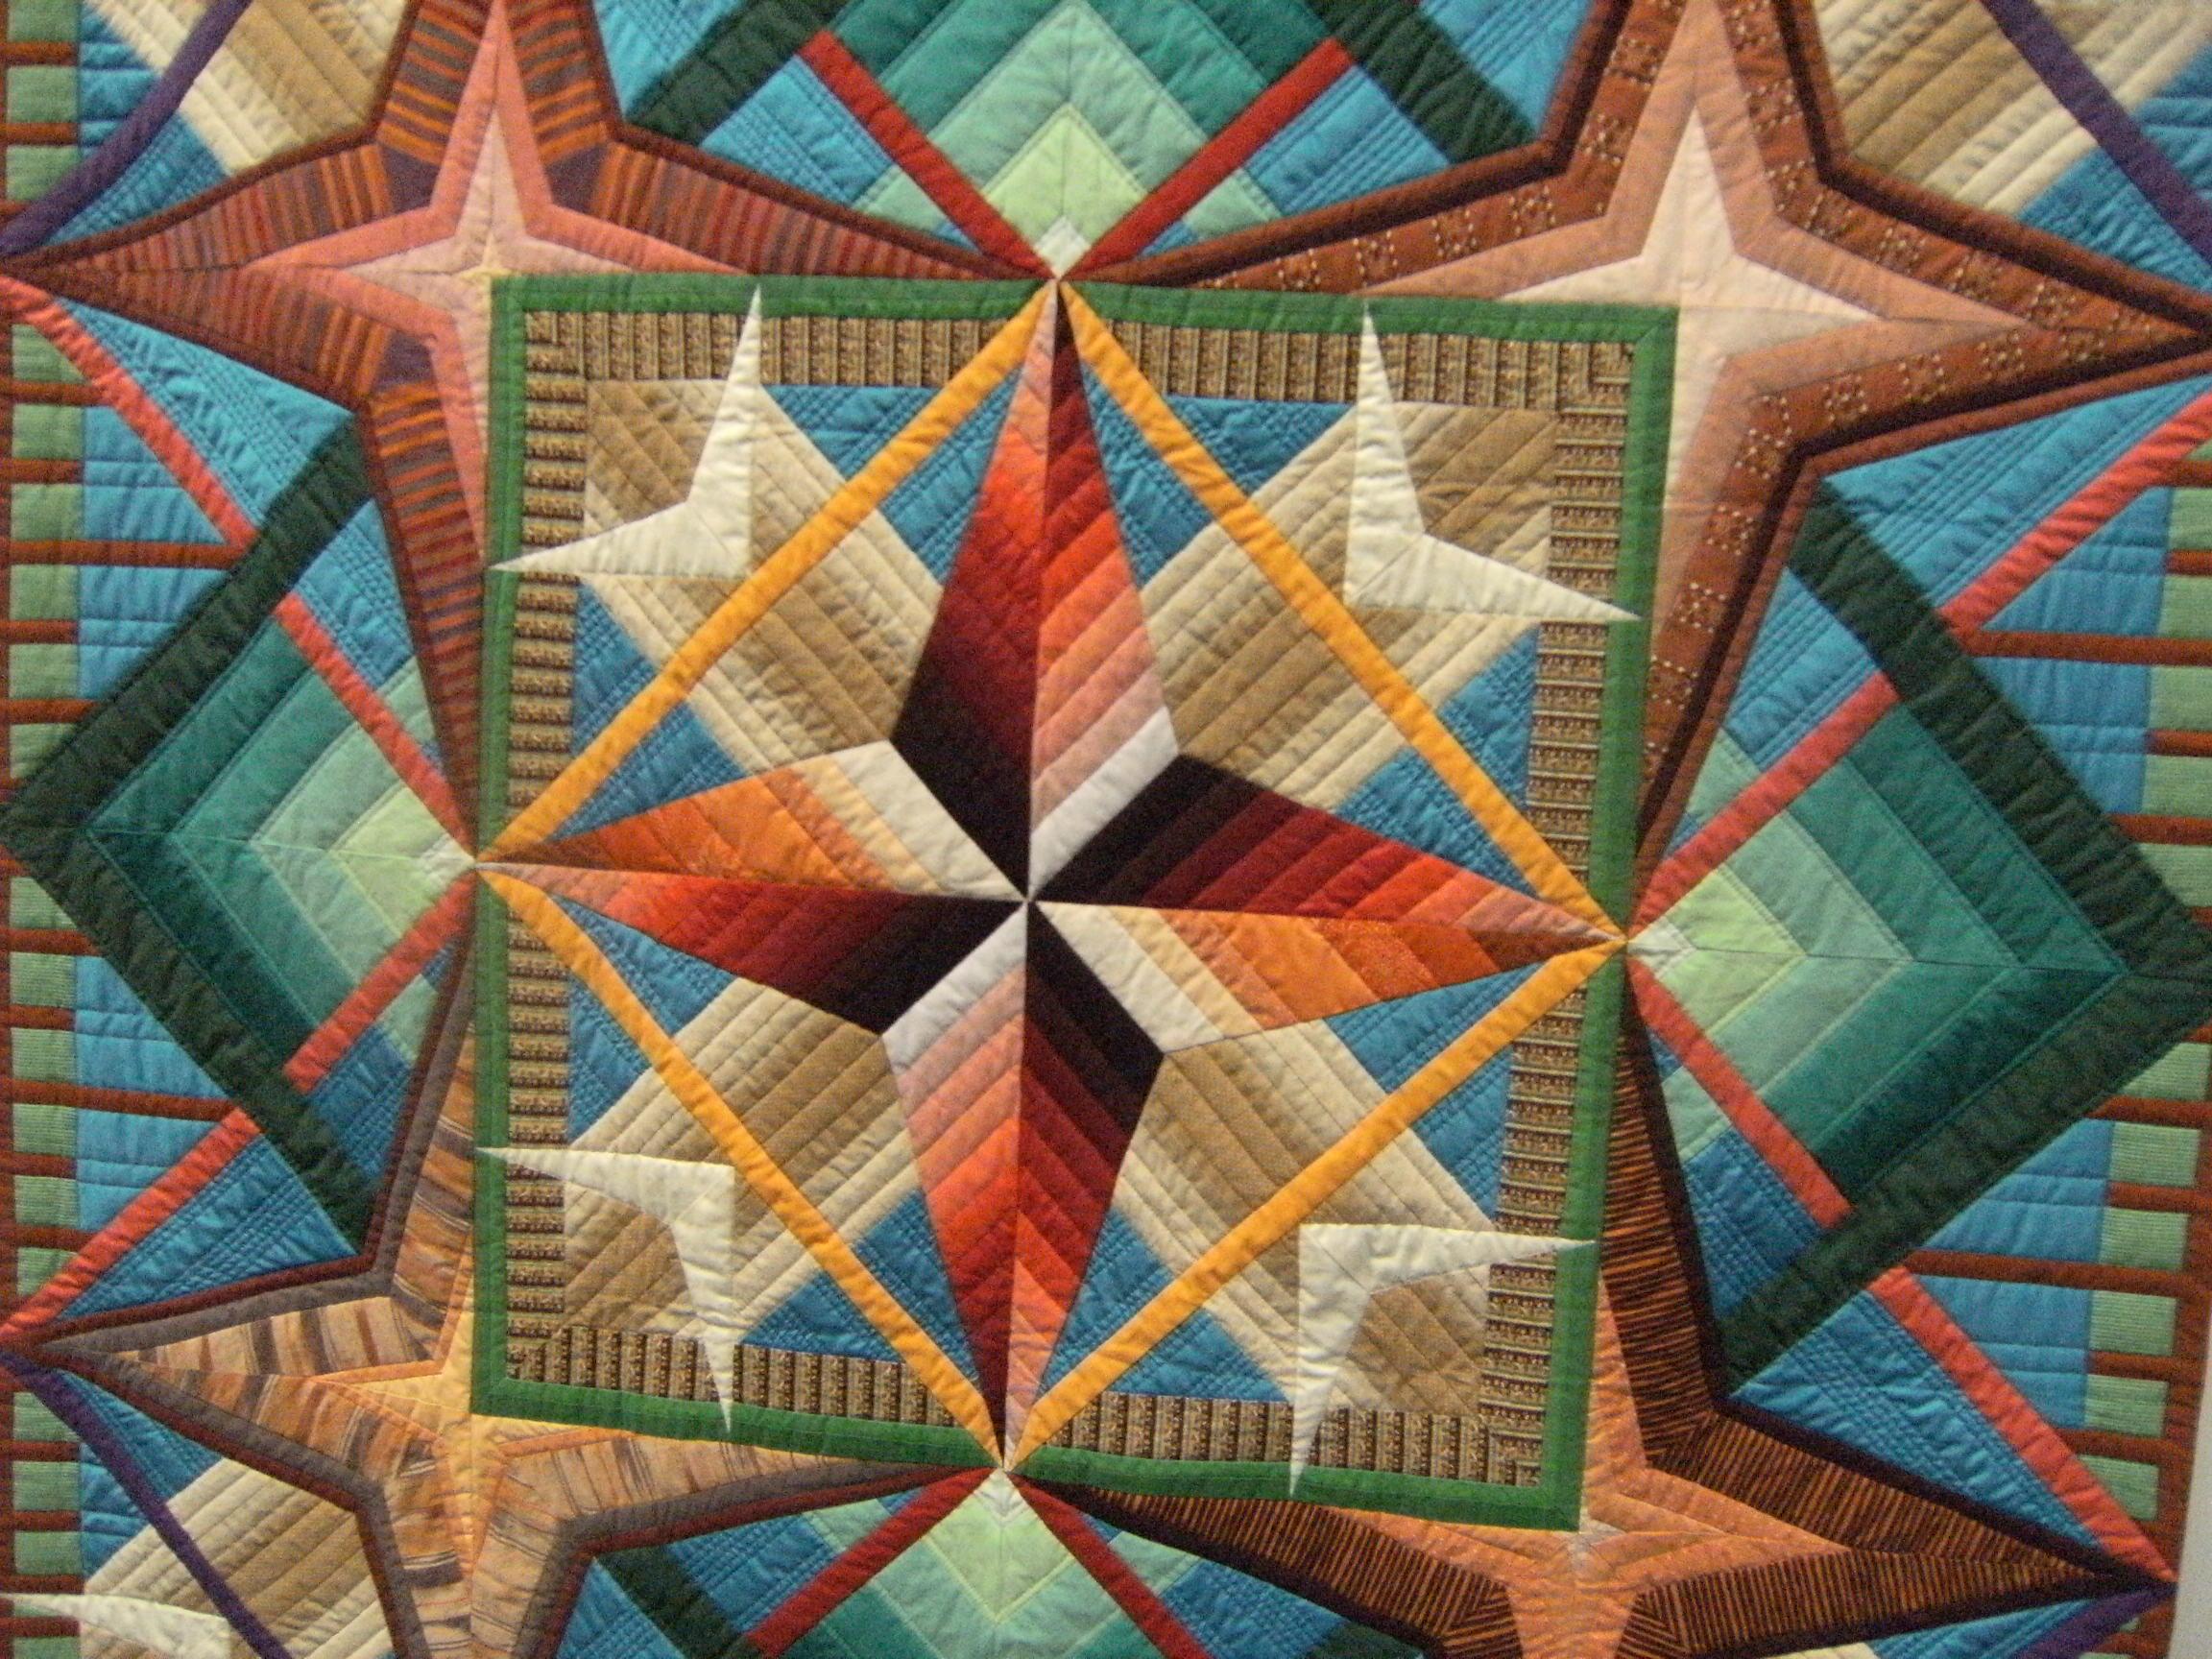 st-marie-2012-15-septembre-034.jpg